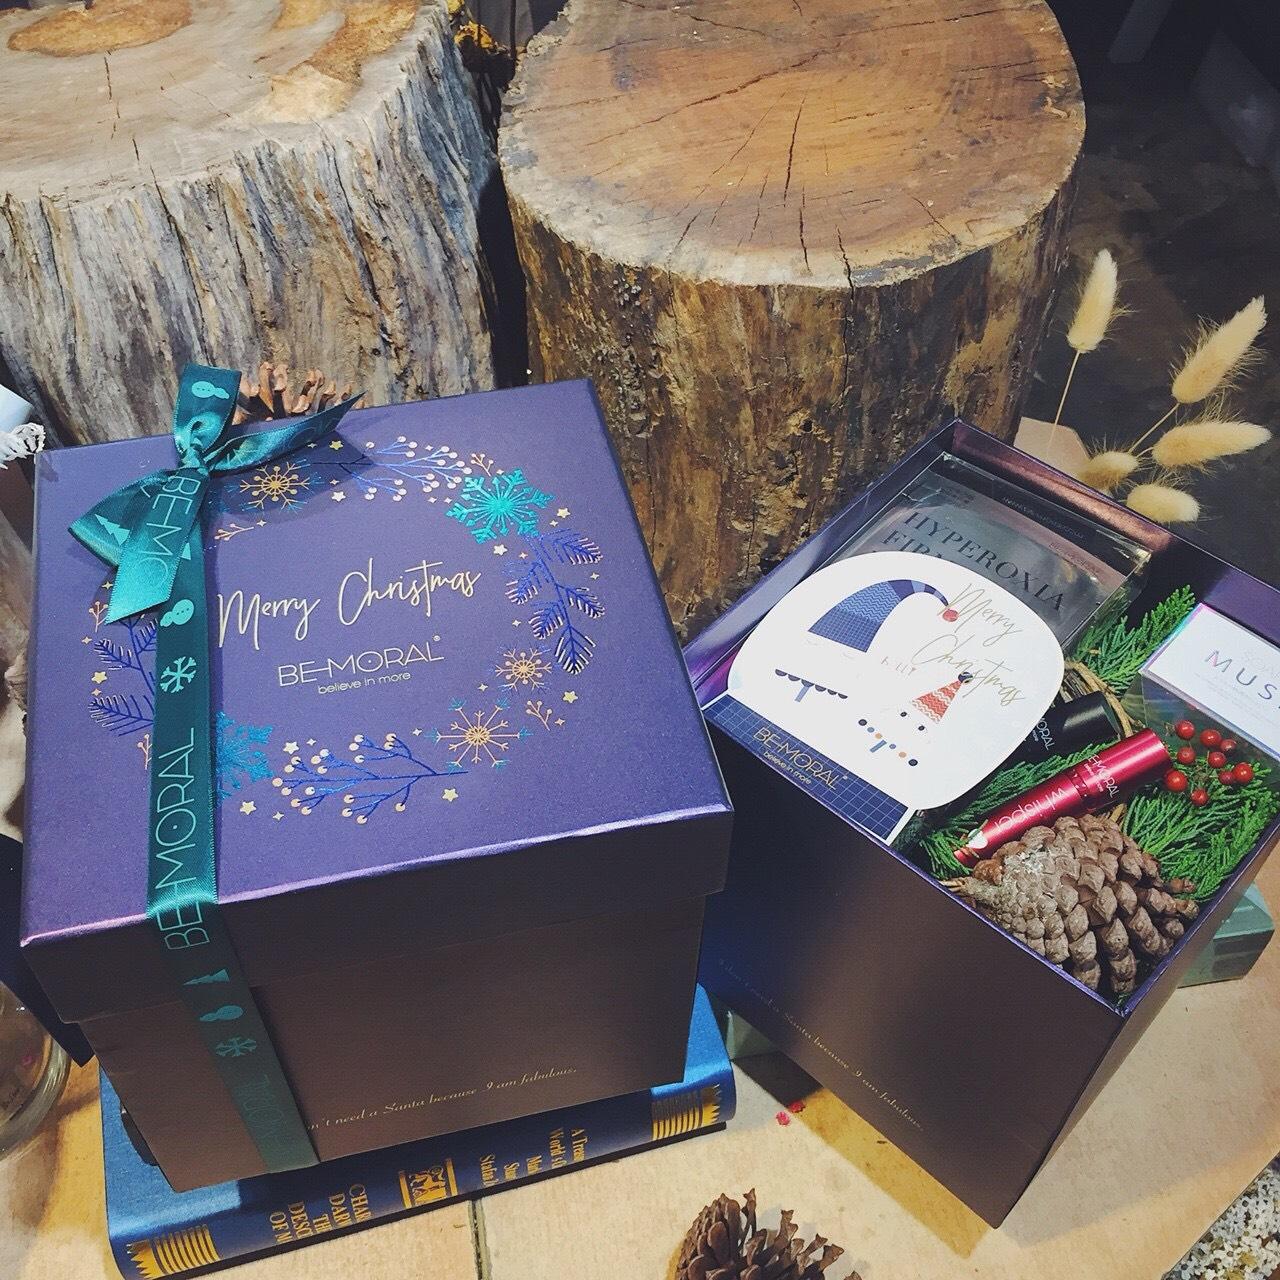 聖誕乾燥花盒設計